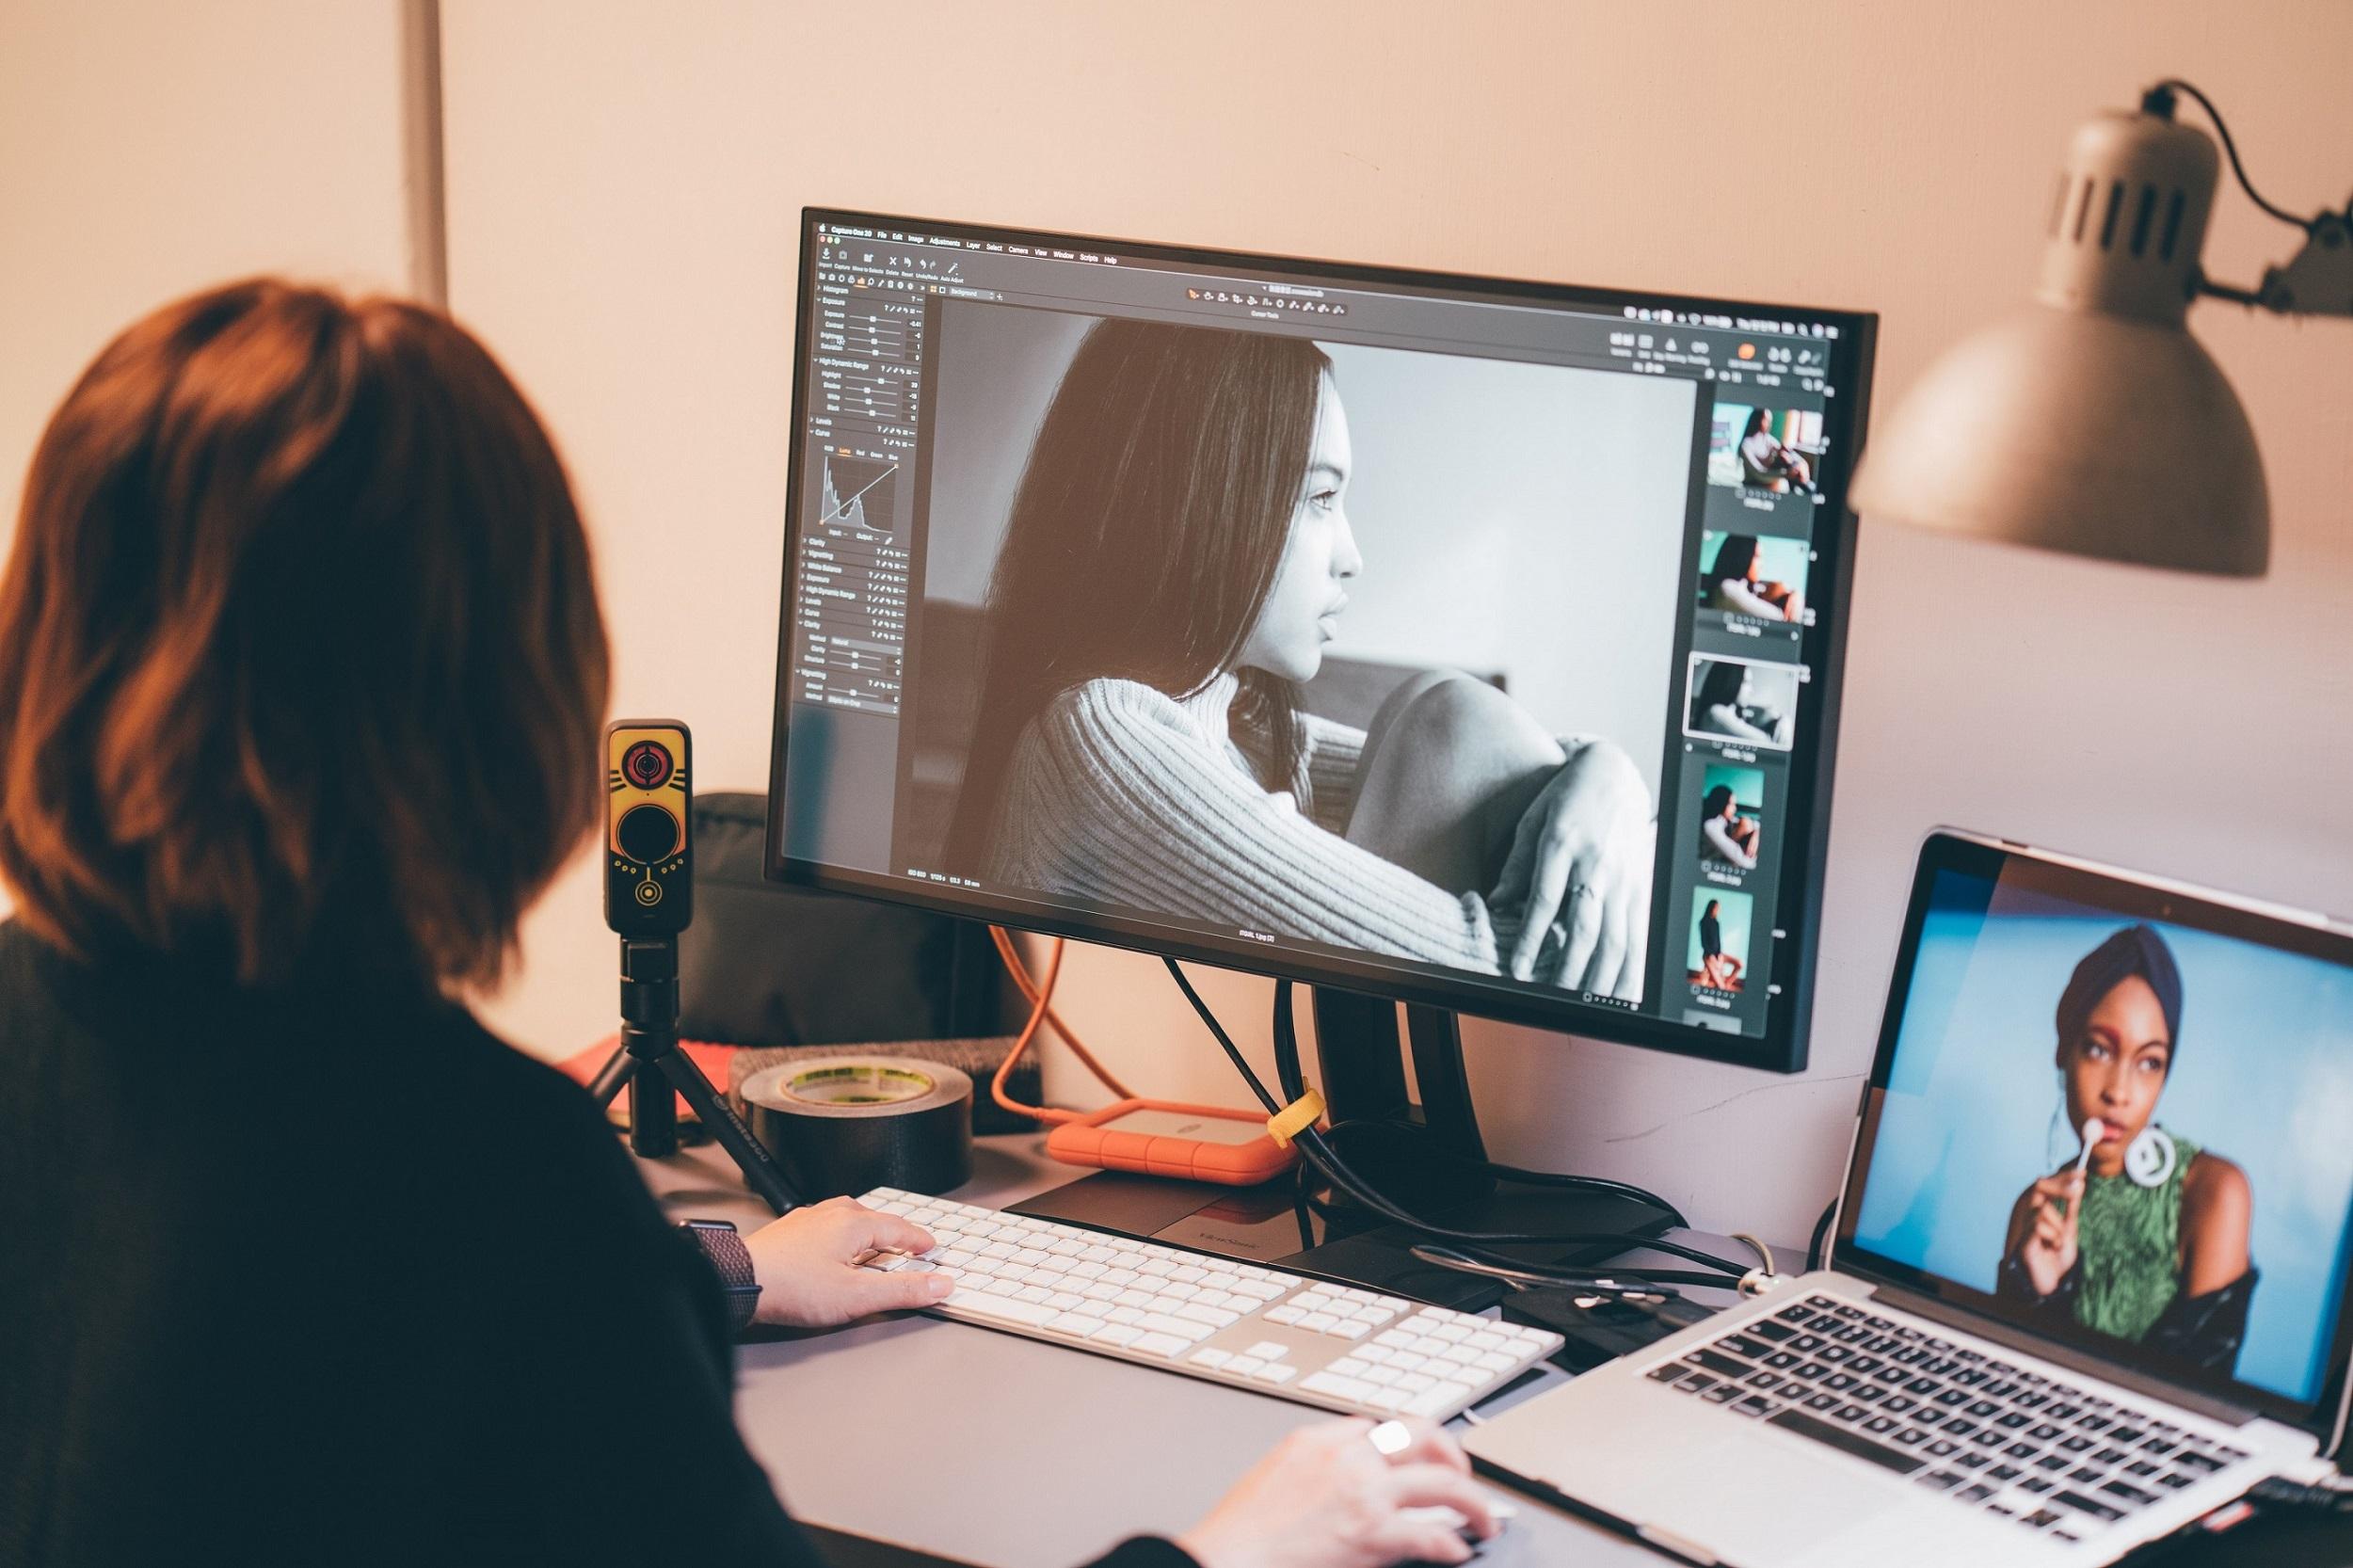 ViewSonic și Pantone au anunțat tombola online Deveniți experți în culori